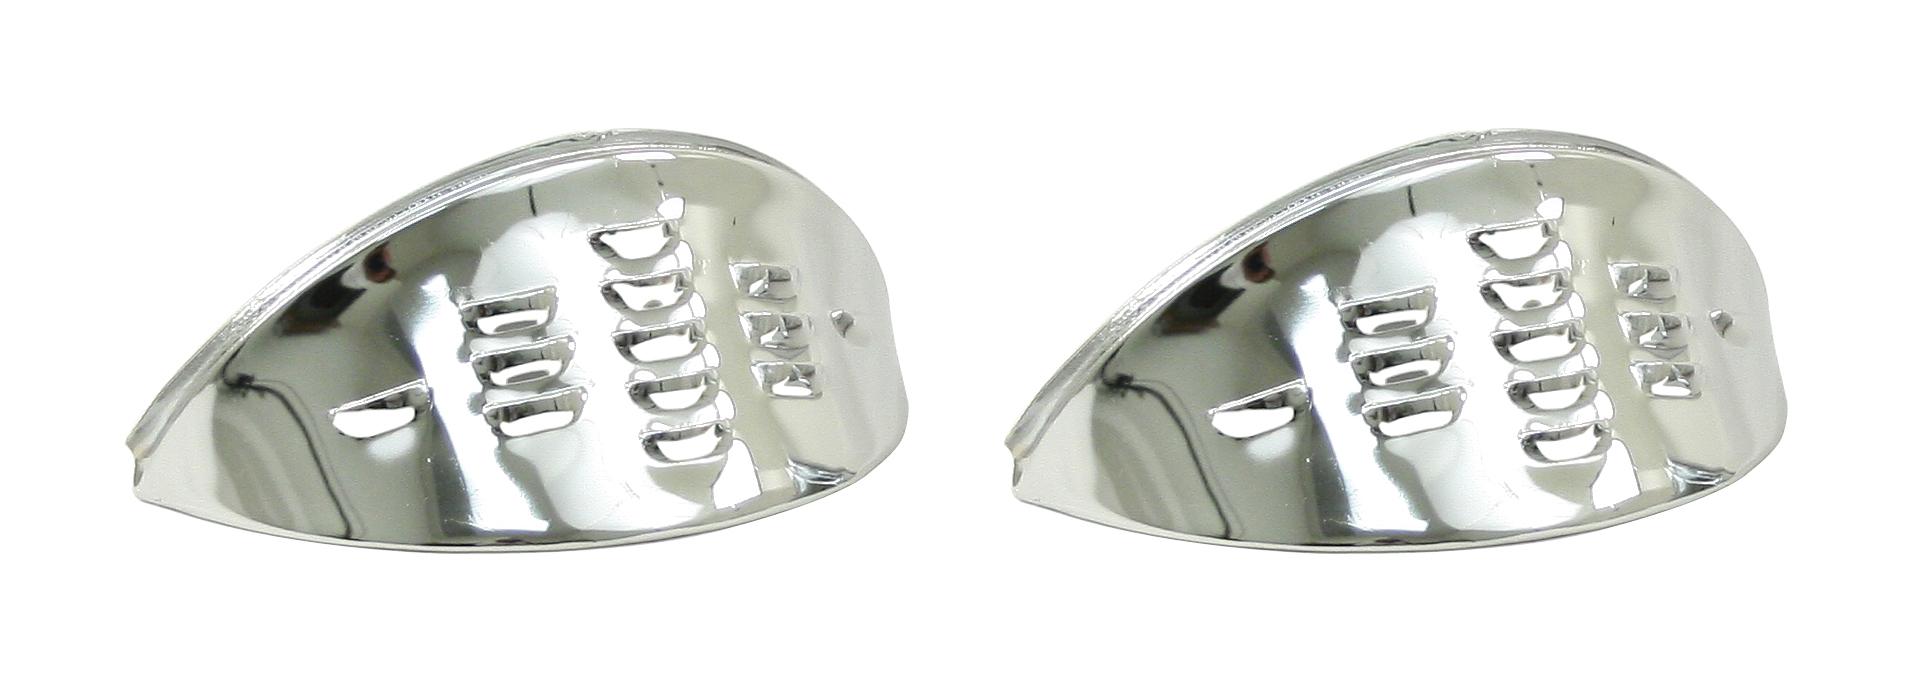 Headlight Eyebrow, Chrome, Louvered, Pair - ACCC103371